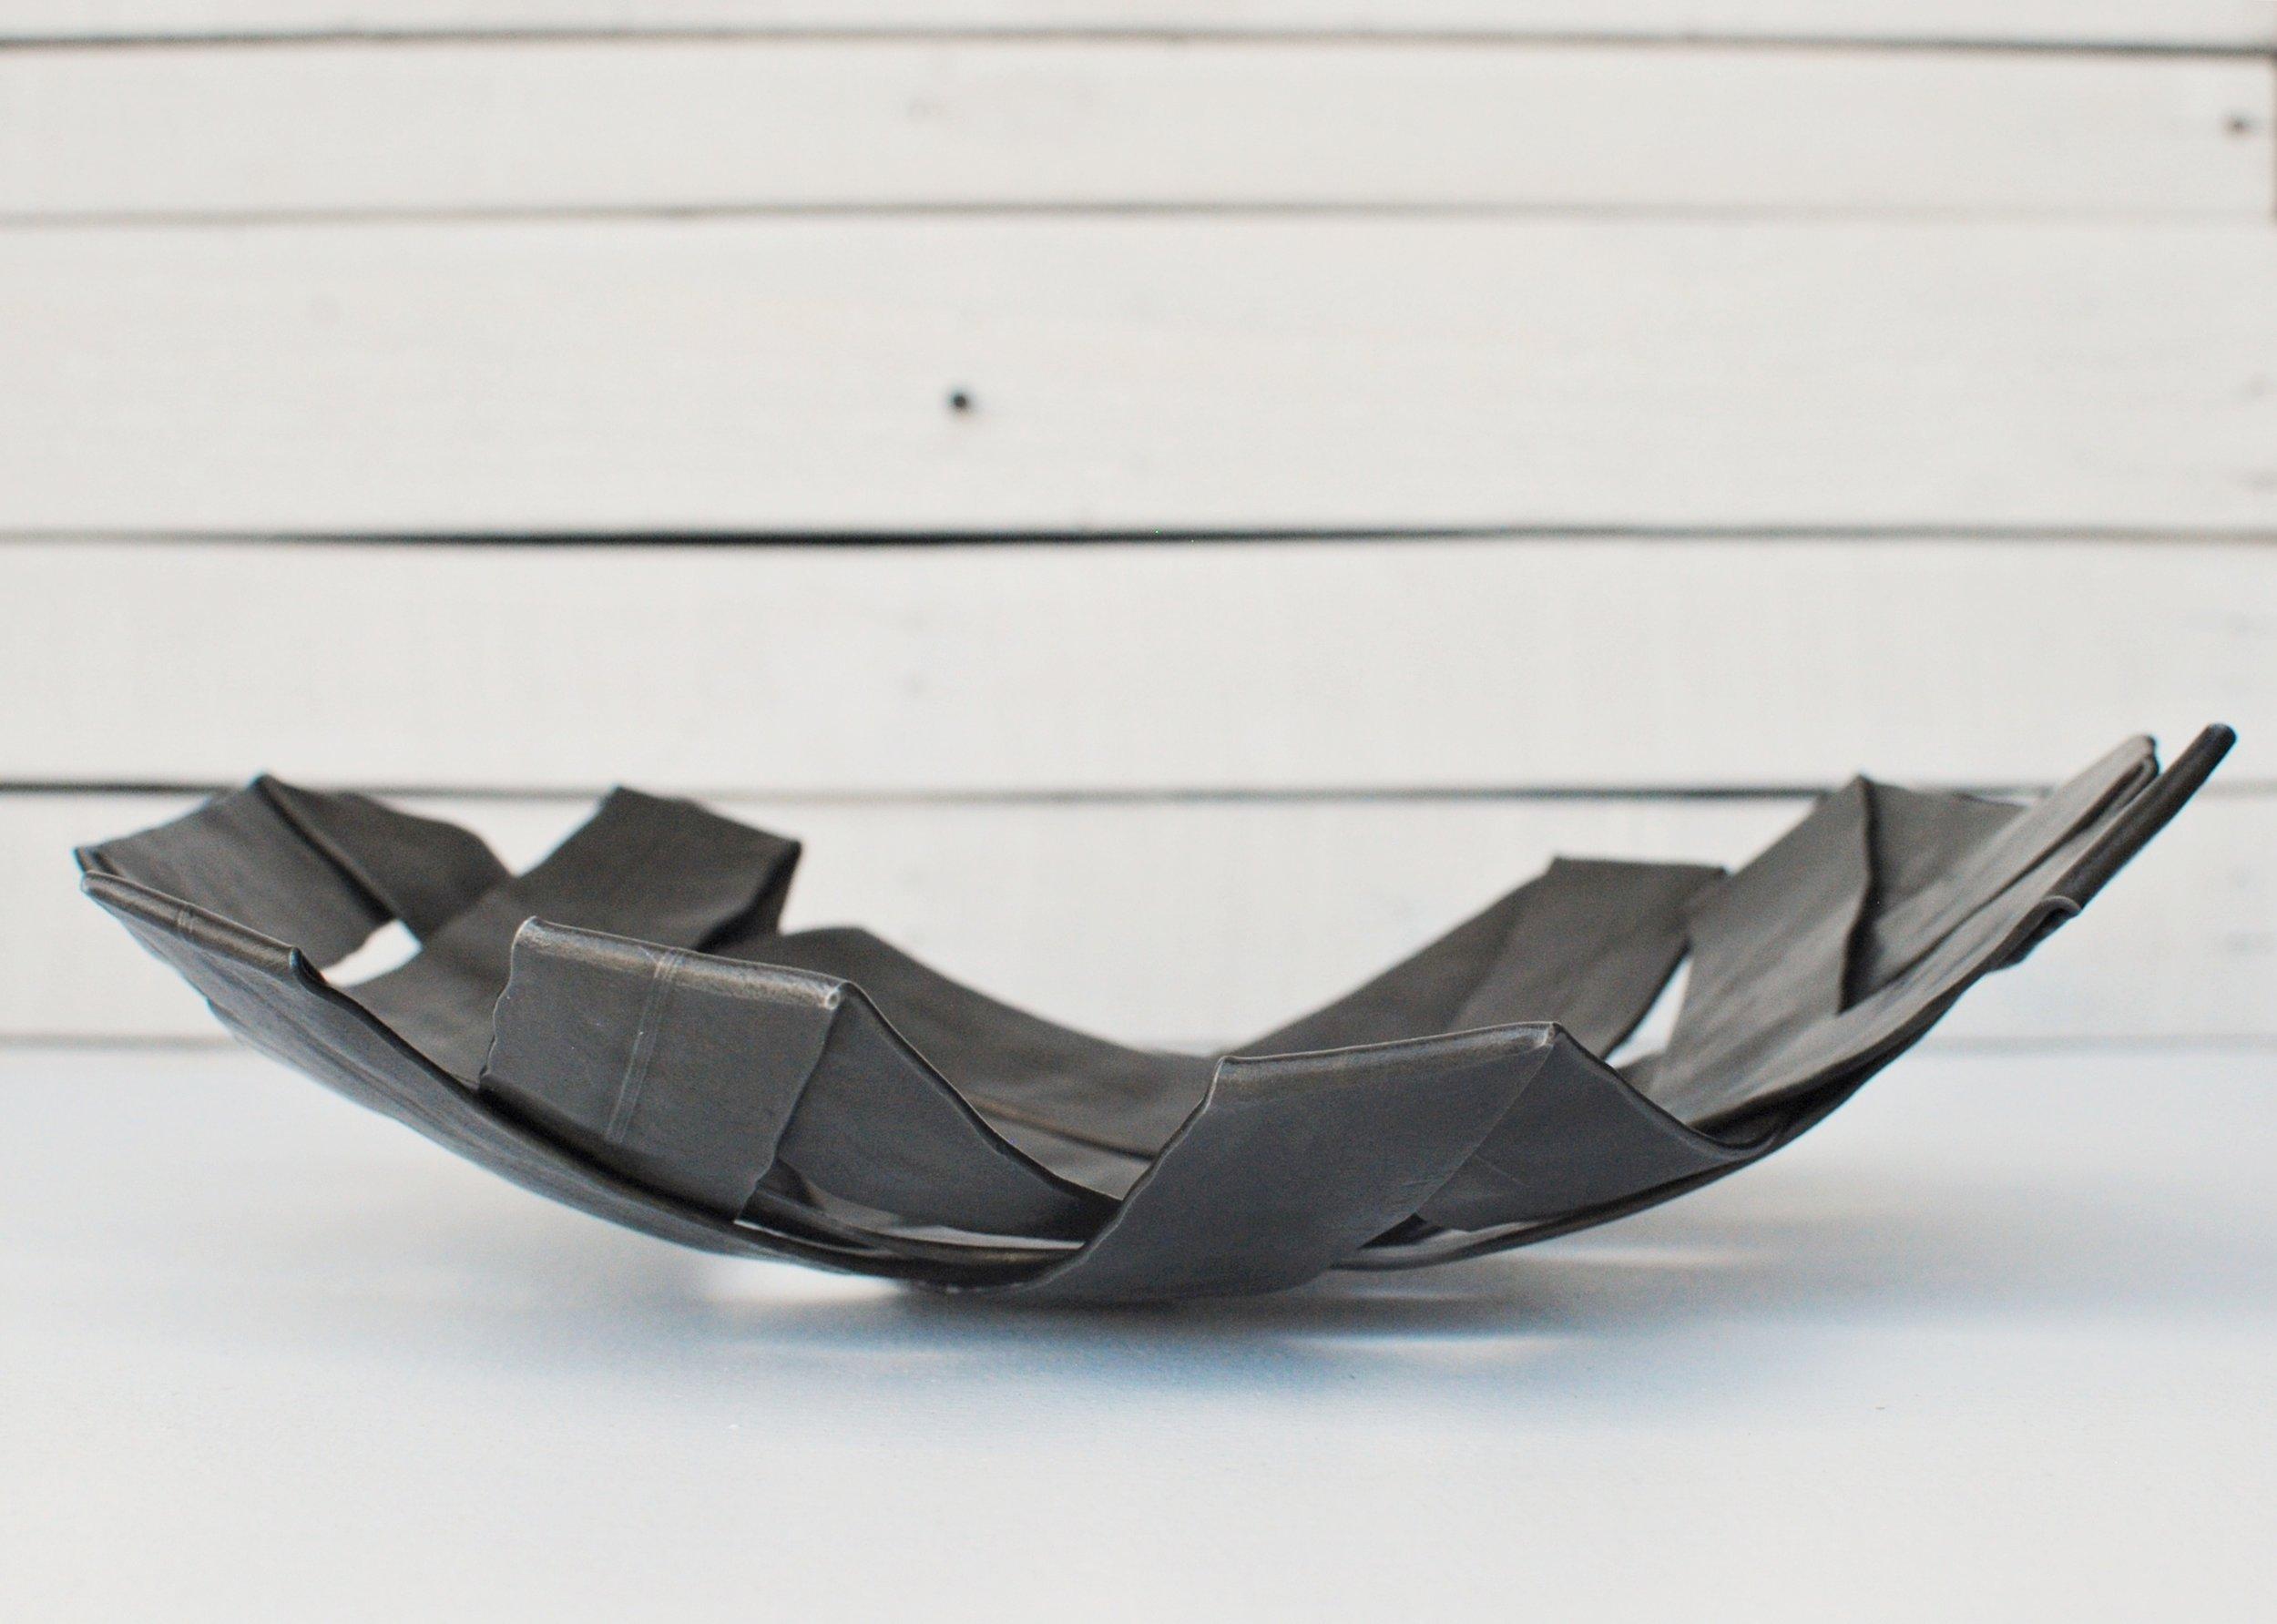 Folded bowl